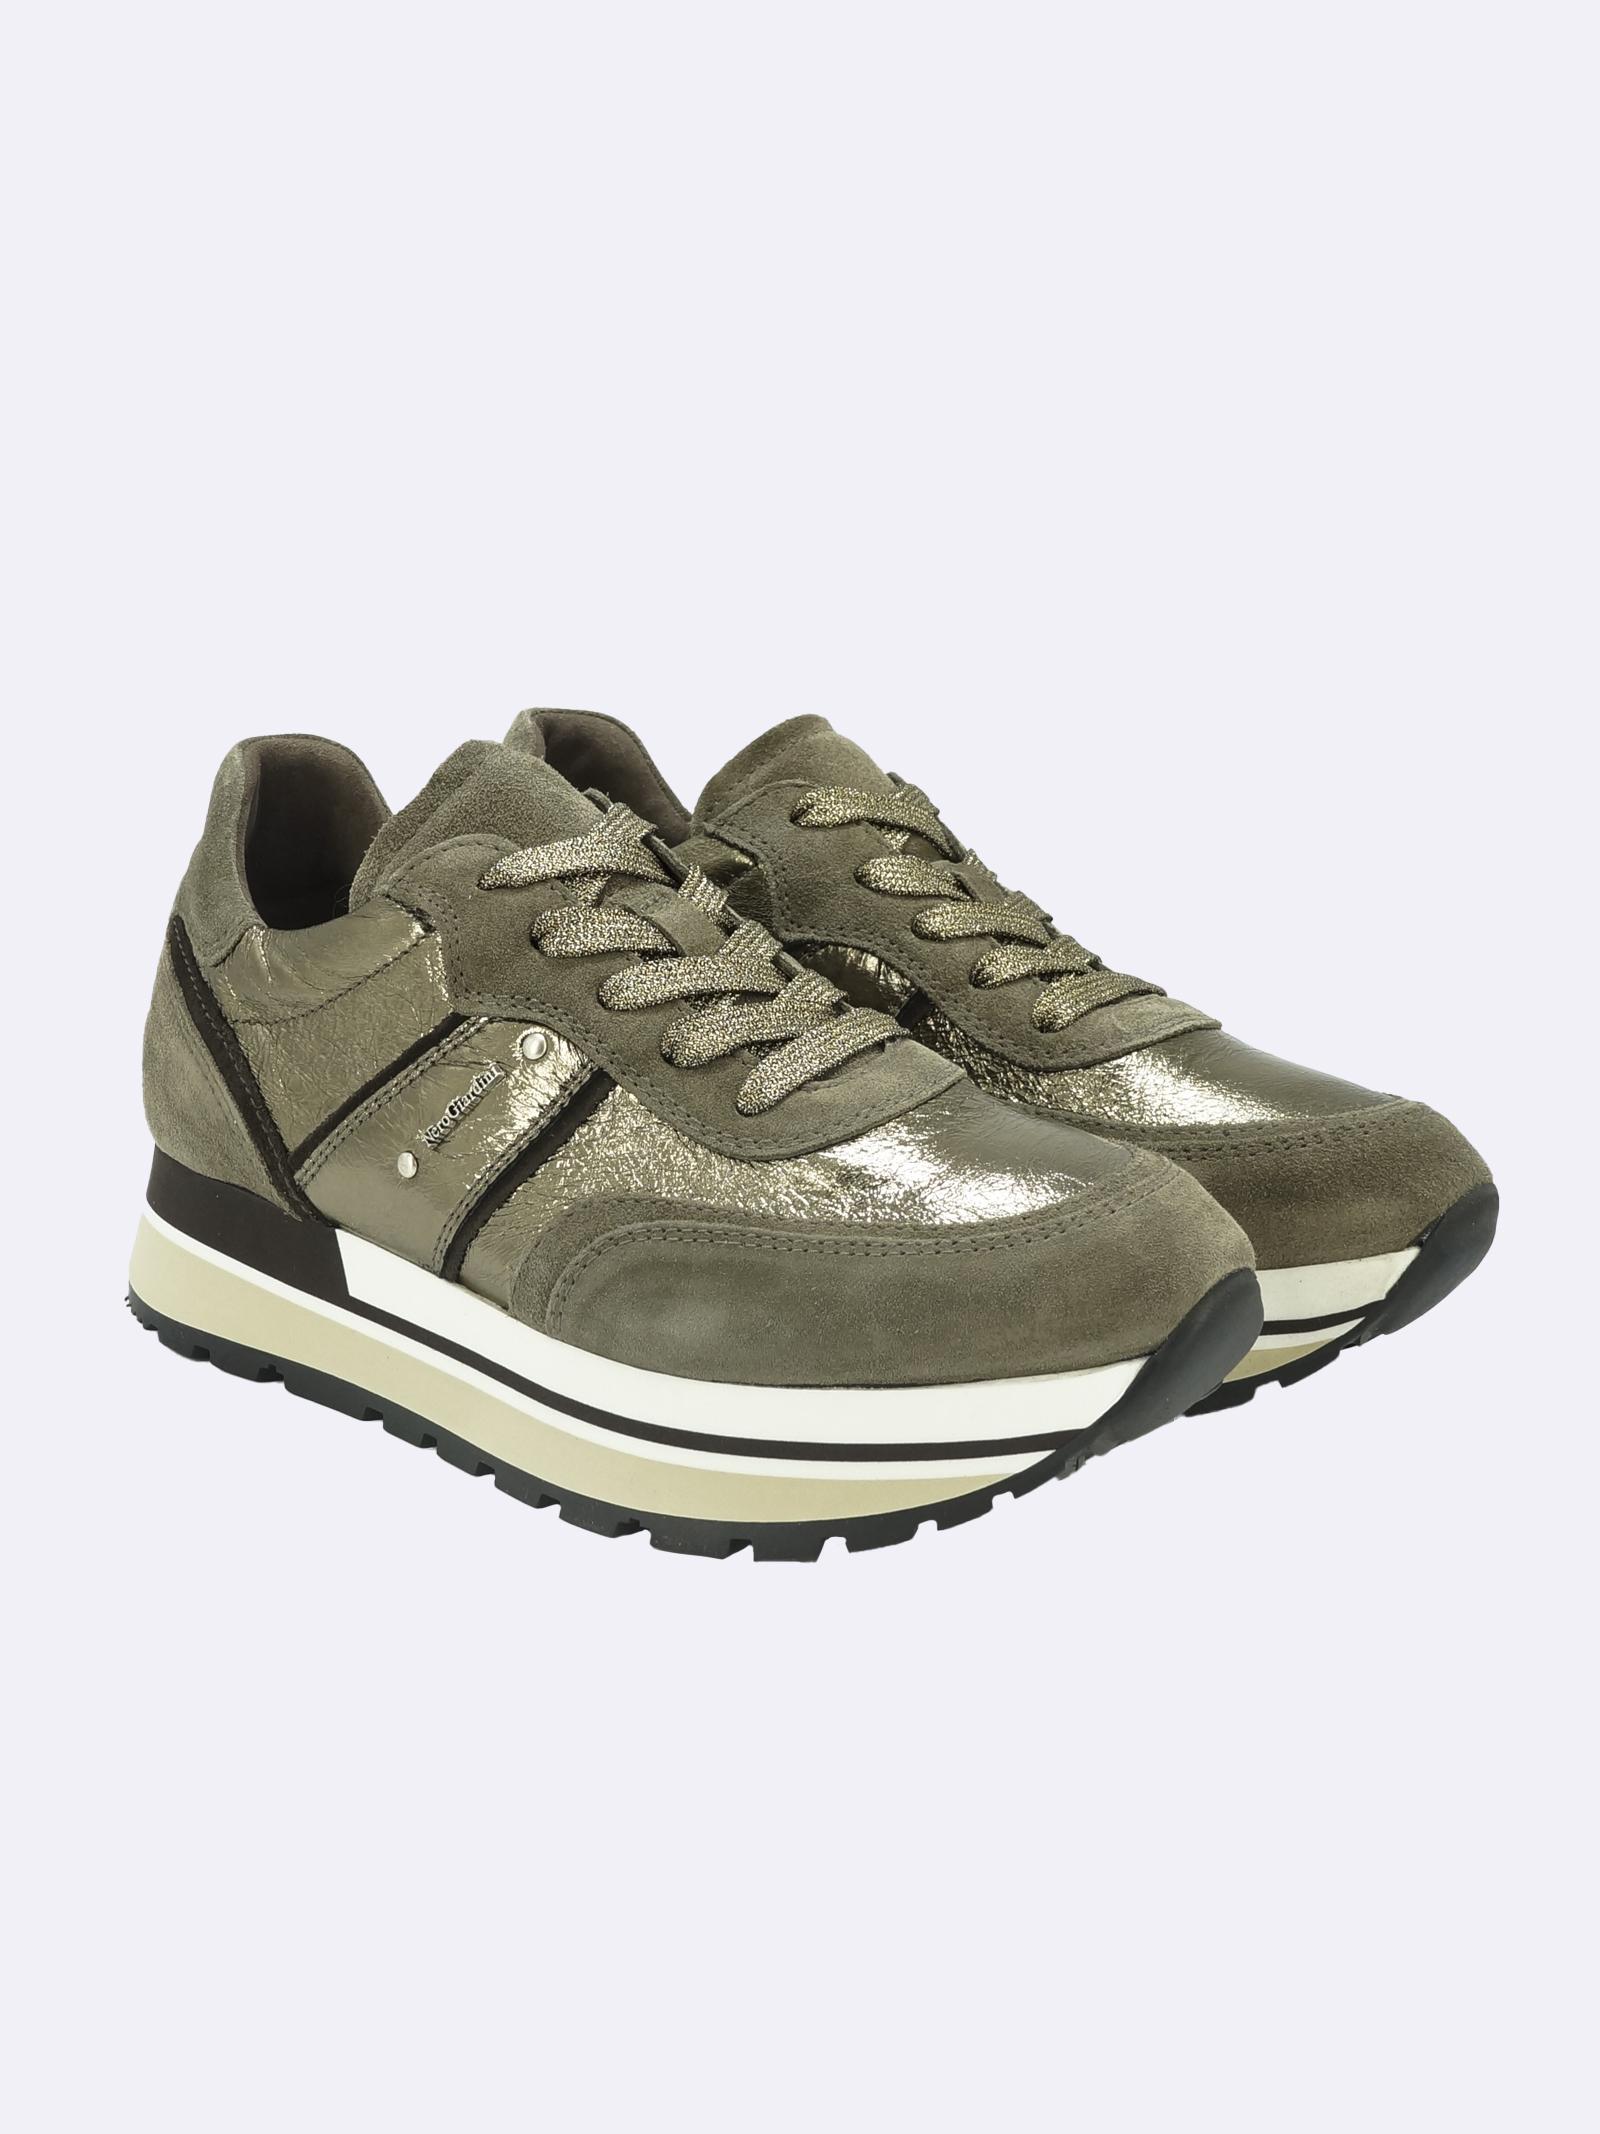 Sneakers Donna in Pelle Laminata e Camoscio Nero Giardini | Sneakers | I116945DTALPA501